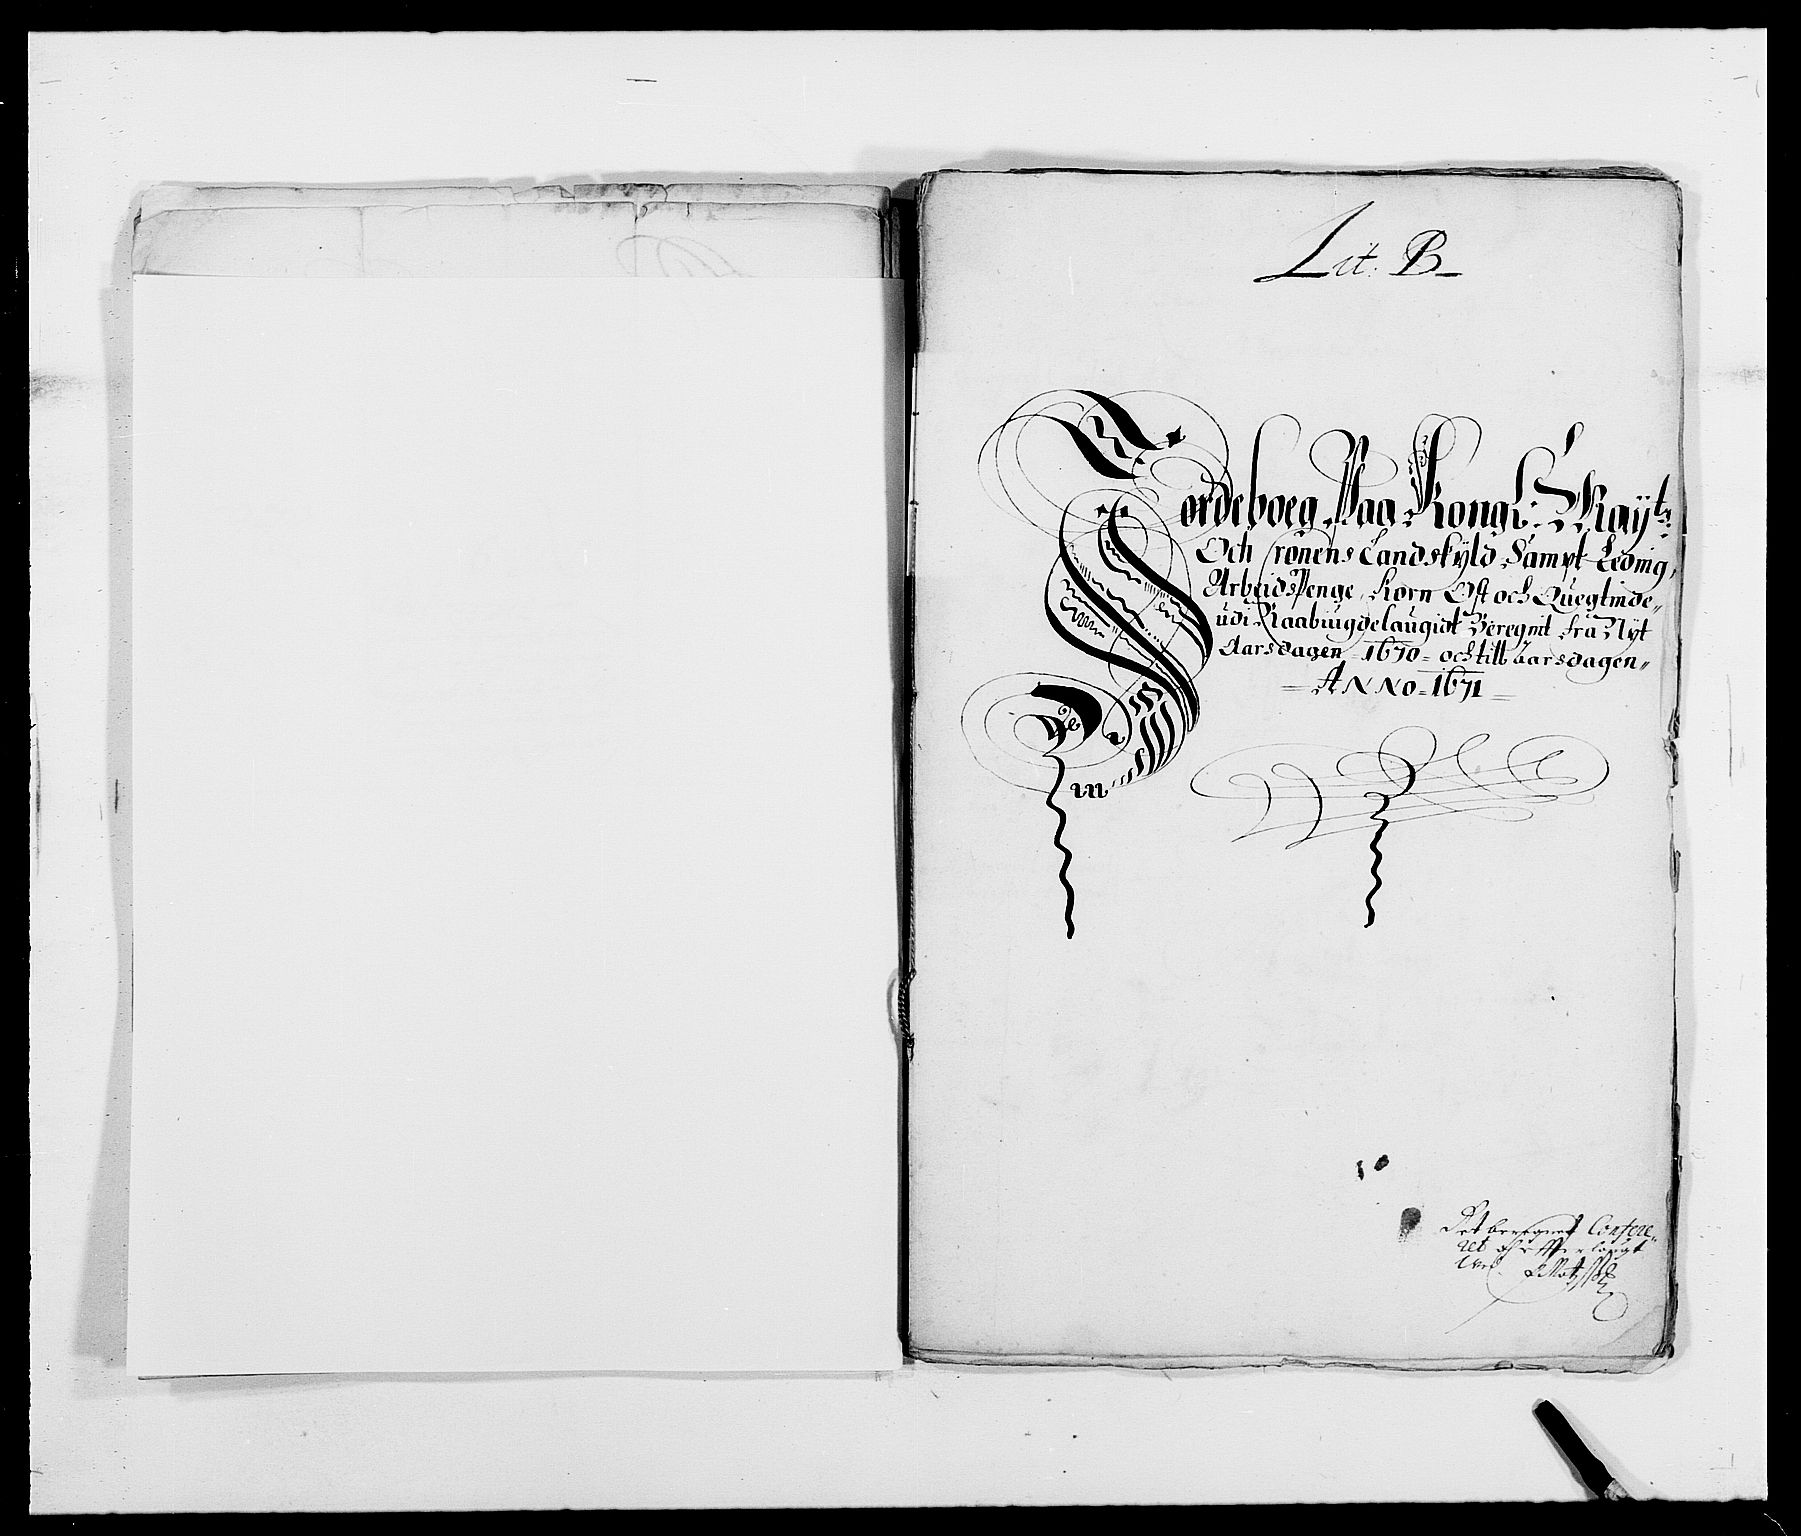 RA, Rentekammeret inntil 1814, Reviderte regnskaper, Fogderegnskap, R40/L2432: Fogderegnskap Råbyggelag, 1669-1670, s. 135